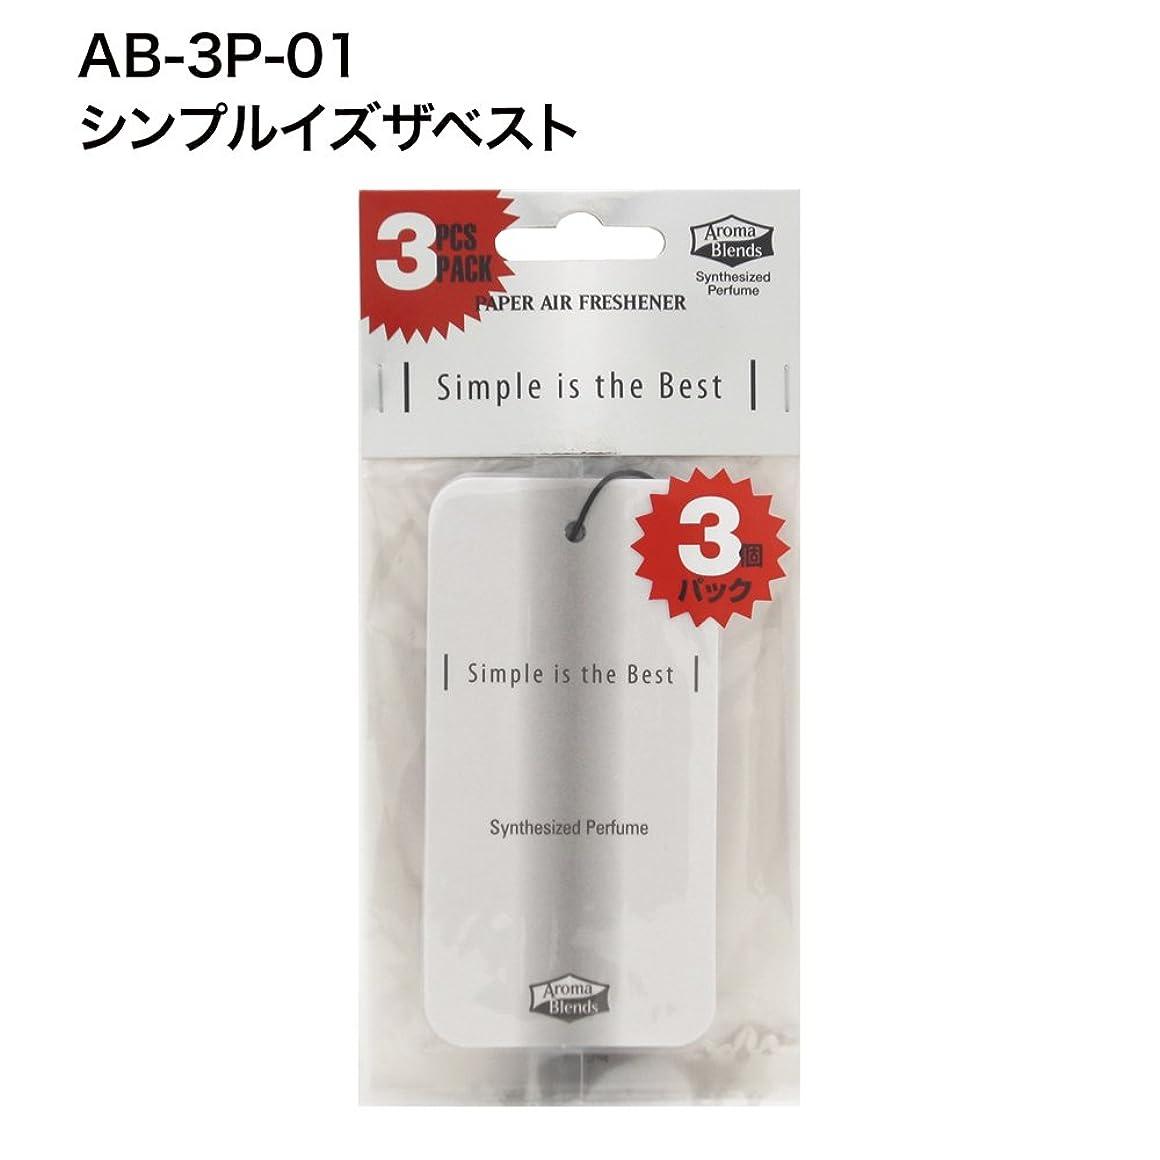 手消化ぺディカブアロマブレンズペーパーエアフレッシュナー3Pパック 2個セット シンプルイズザベスト